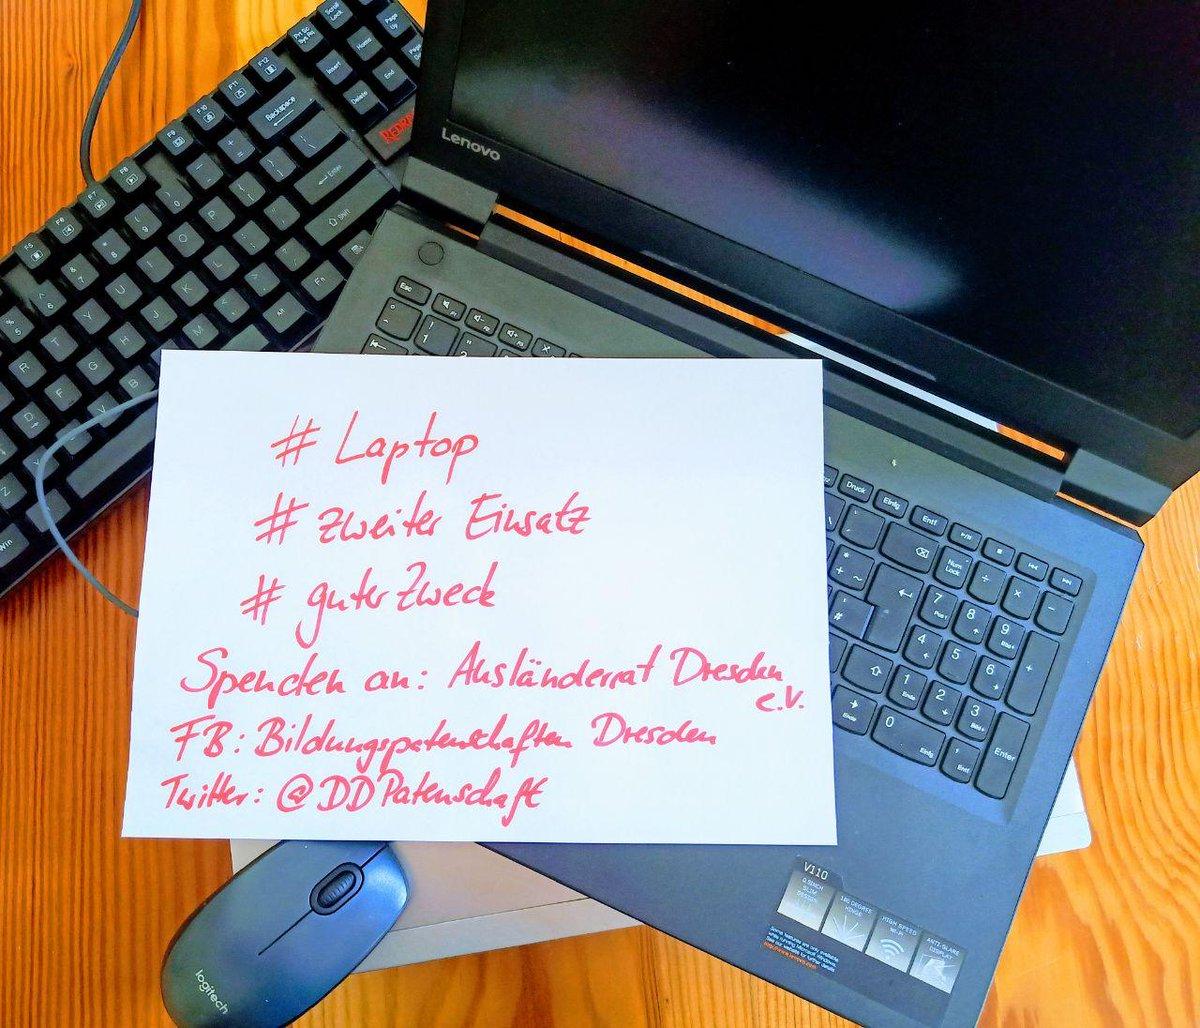 Unsere Bildungspatenschaften möchten künftig ihre Kids mit Rechentechnik ausstatten – bitte unterstützt diese wichtige Aktion! Gern auch weitersagen: auslaenderrat.de/2020/05/20/auf… #dresden #laptop #zweiterEinsatz #guterZweck